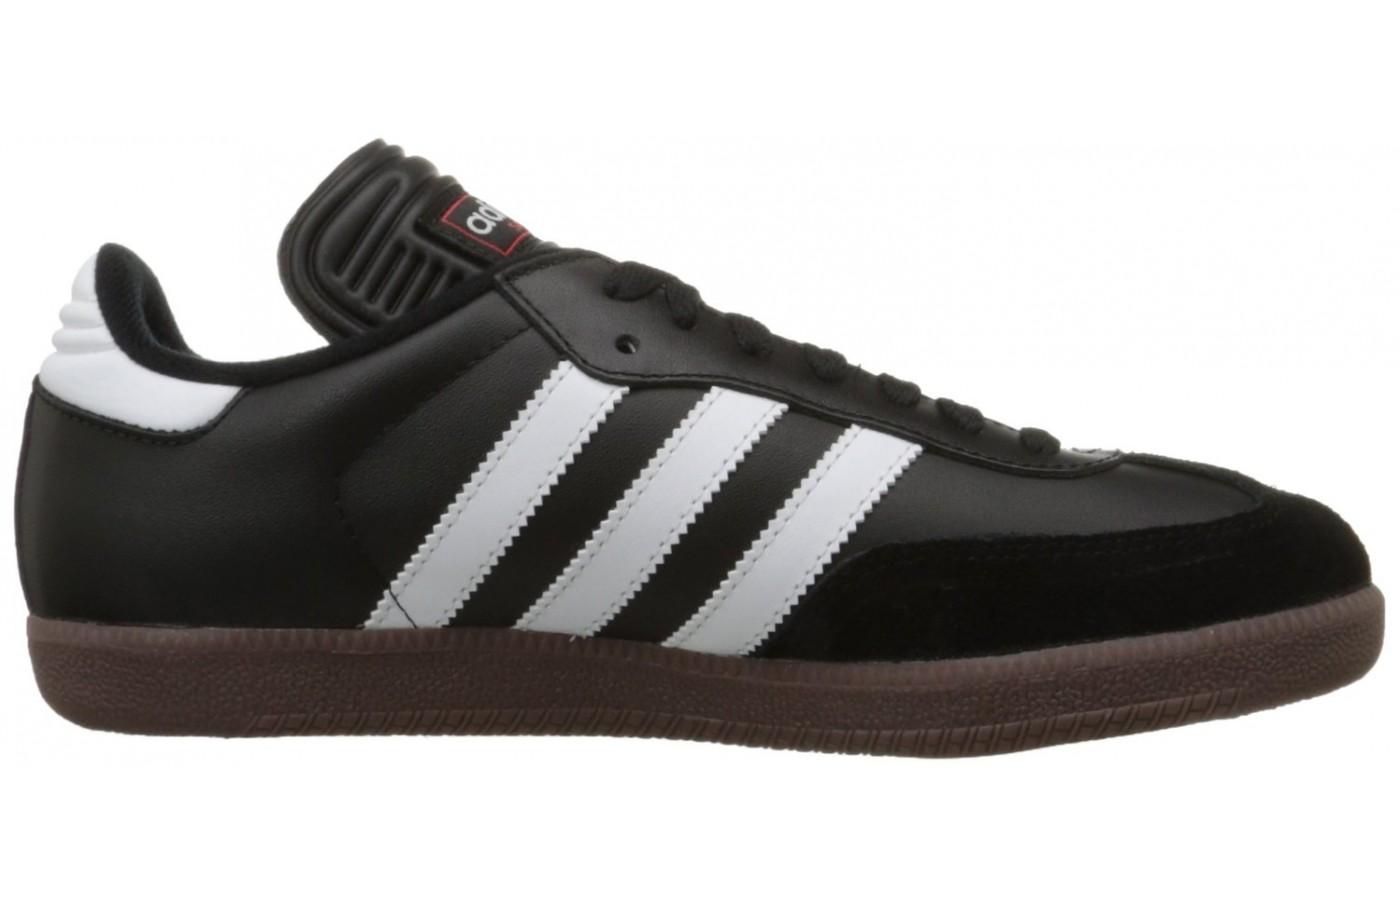 Adidas Samba Side